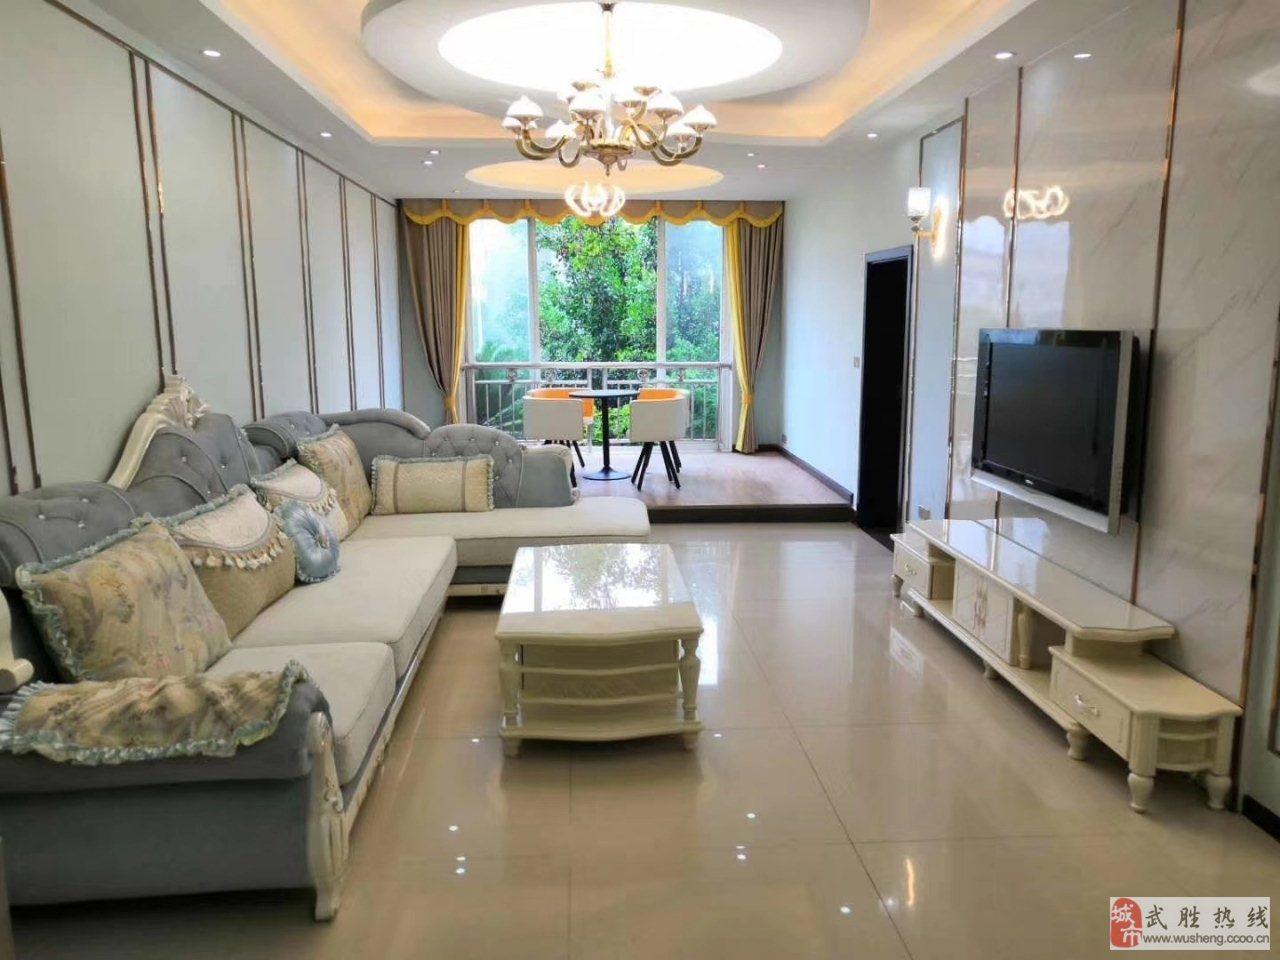 福园巷中间楼层3室2厅1卫59.8万元